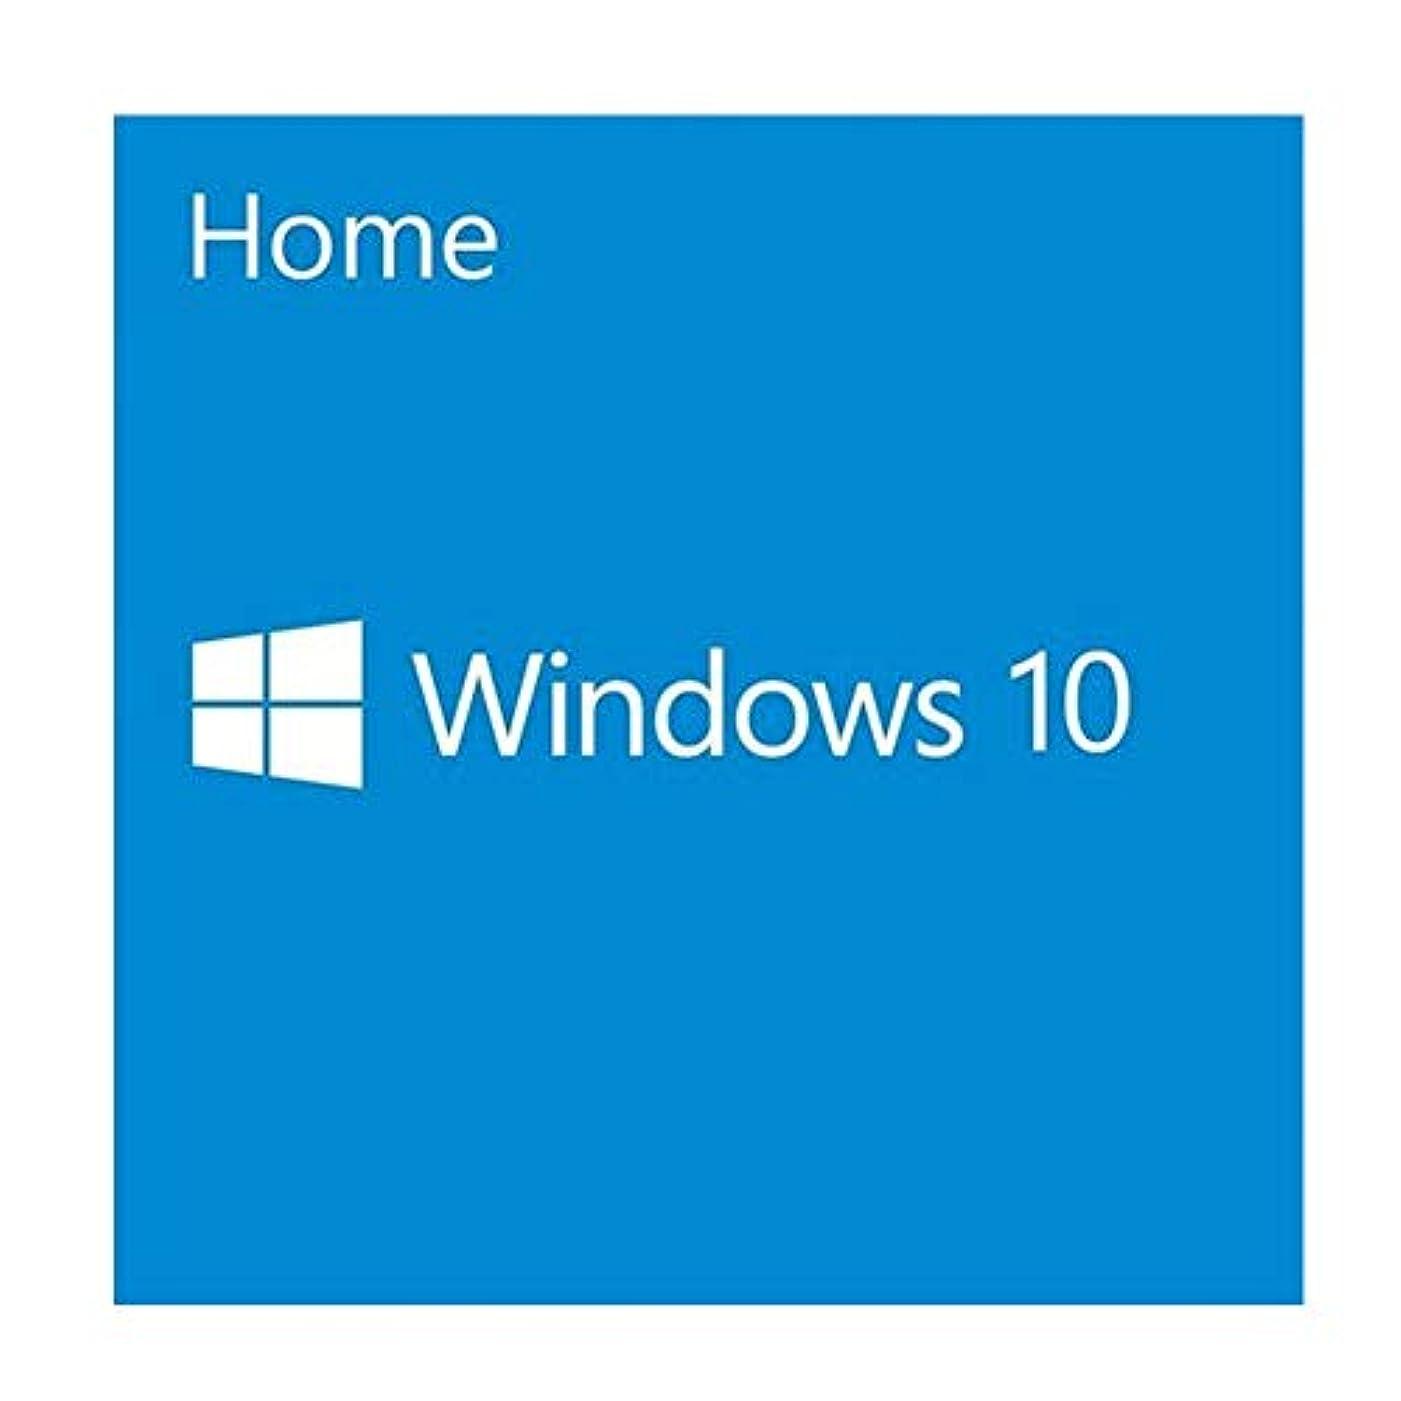 脅迫エミュレーション認知Windows 10 Home 1PC ダウンロード版 日本語正規 32bit/64bit プロダクトキー インストール完了までサポート オンライン認証保証